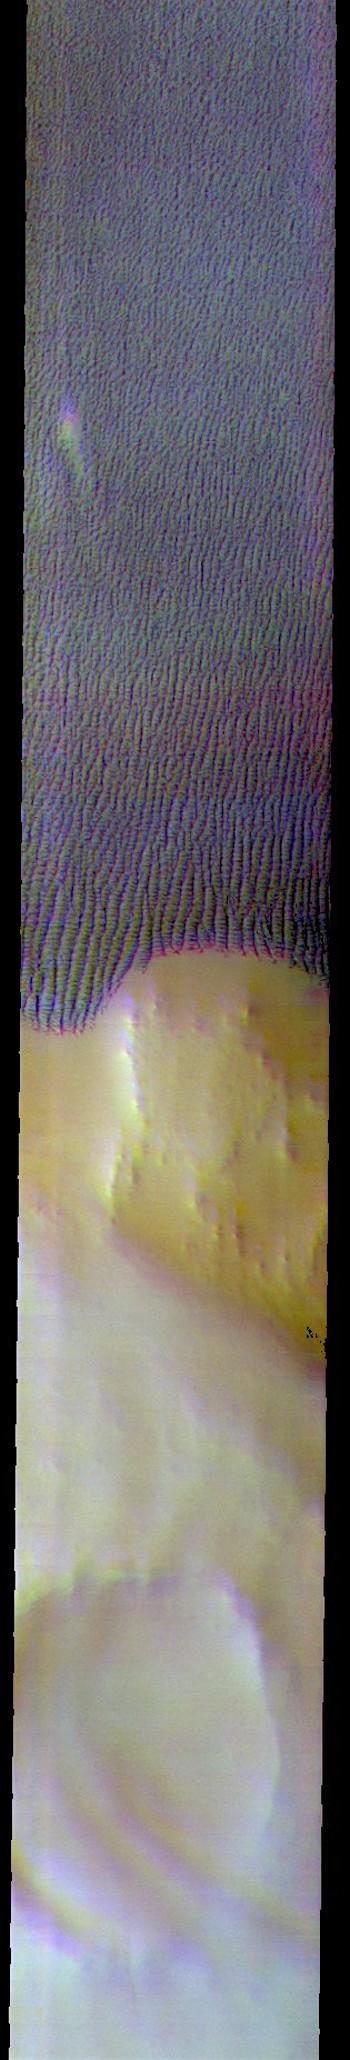 Escorial Crater and polar dunes (THEMIS_IOTD_20180925)